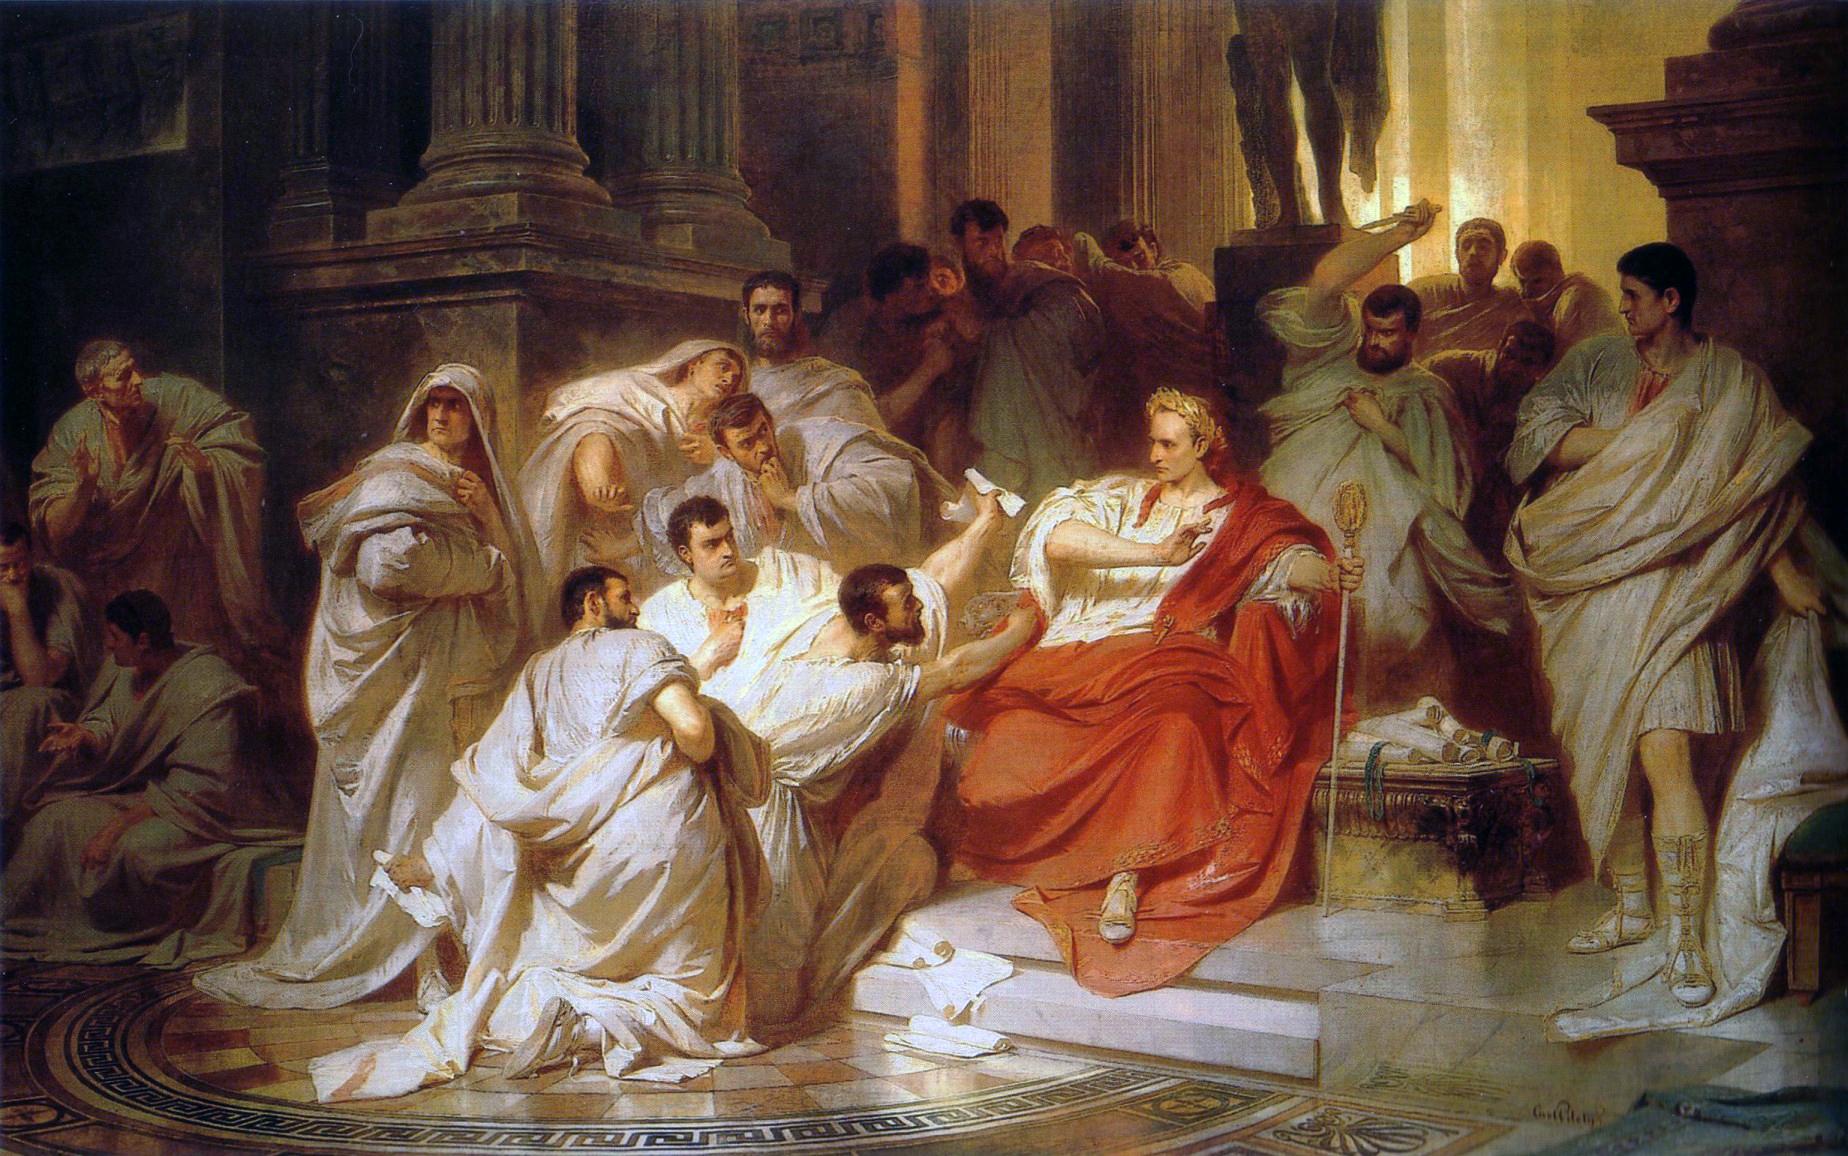 Julius Caesar and his senators